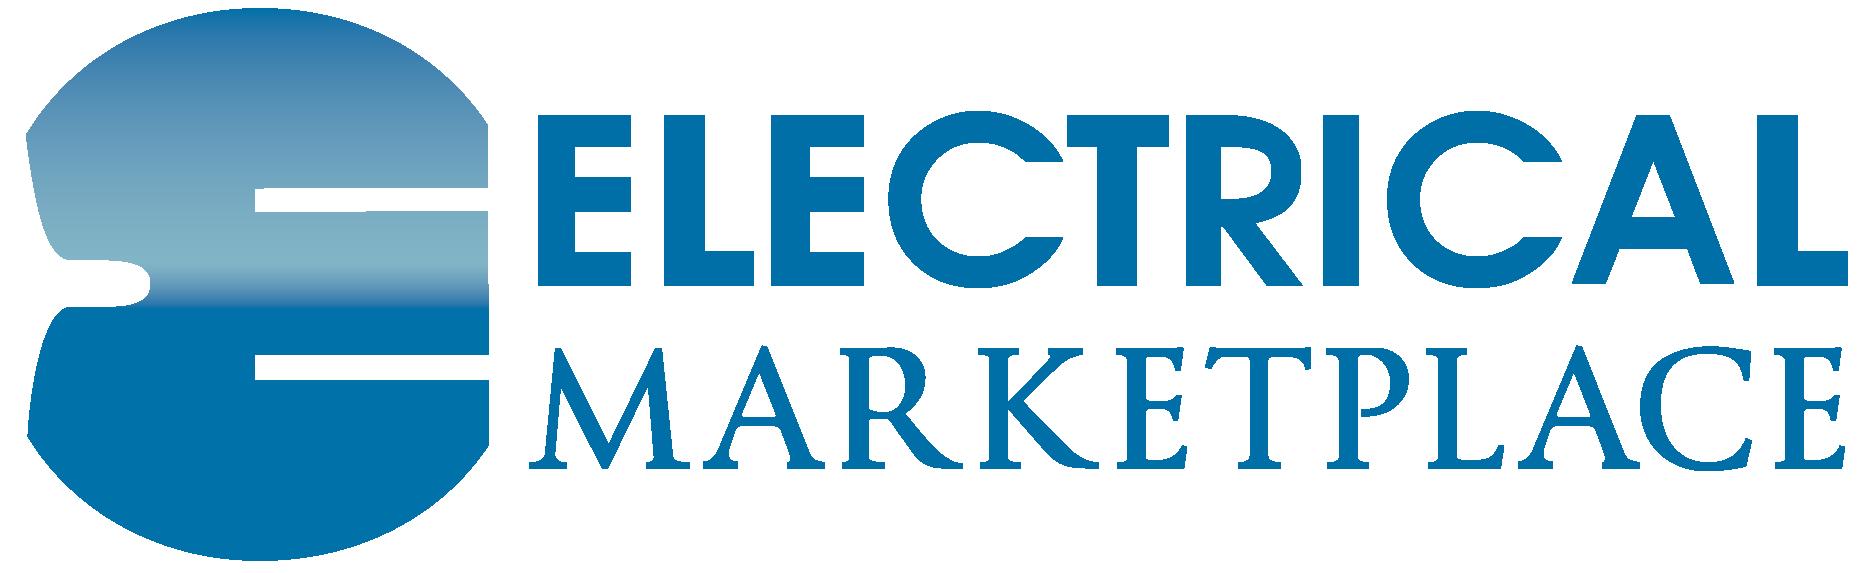 Electrical Marketplace Logo Oled Light